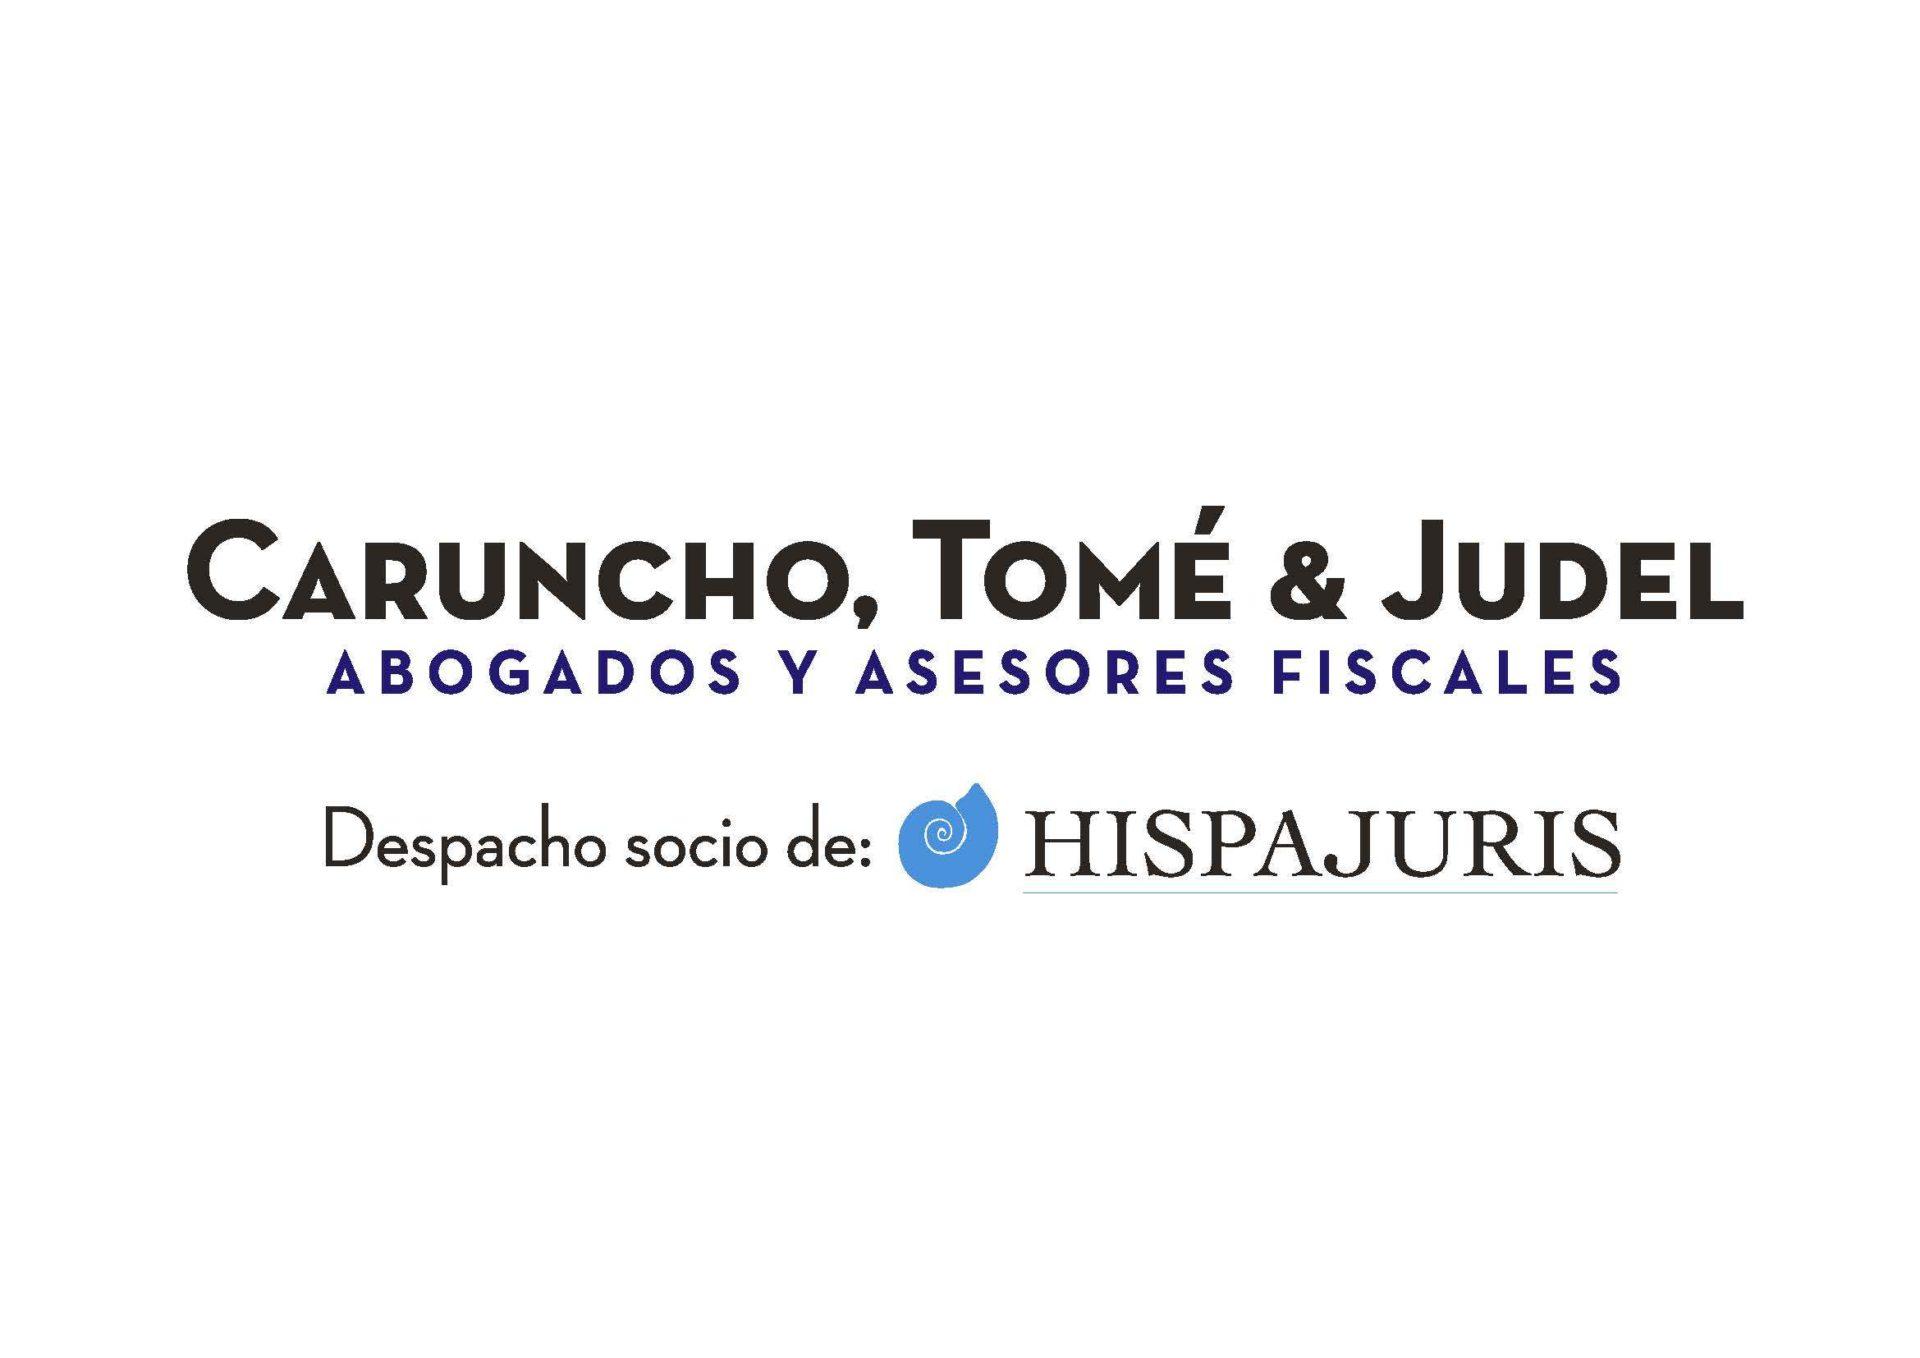 caruncho-tome-judel-hispajuris